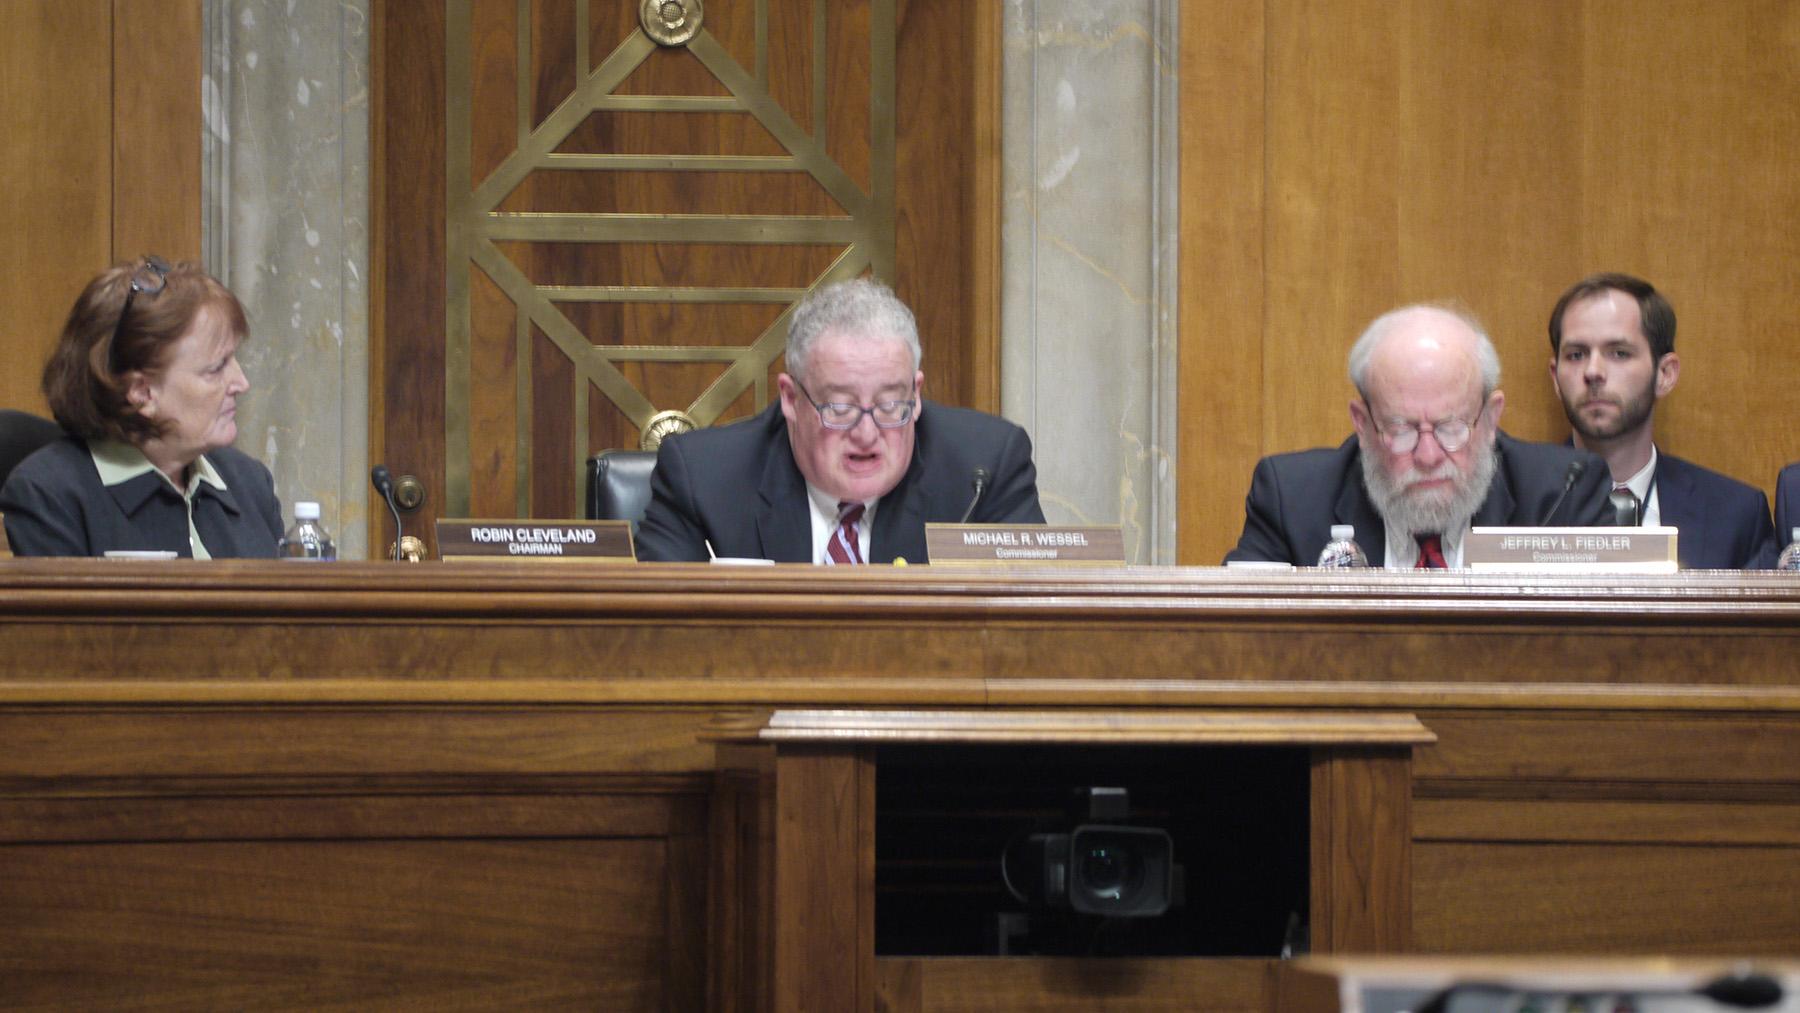 美中经济与安全检讨委员会23日召开听证会,关切中资企业在美上市对美国国家安全可能造成的影响。自由亚洲电台记者郑崇生华盛顿摄